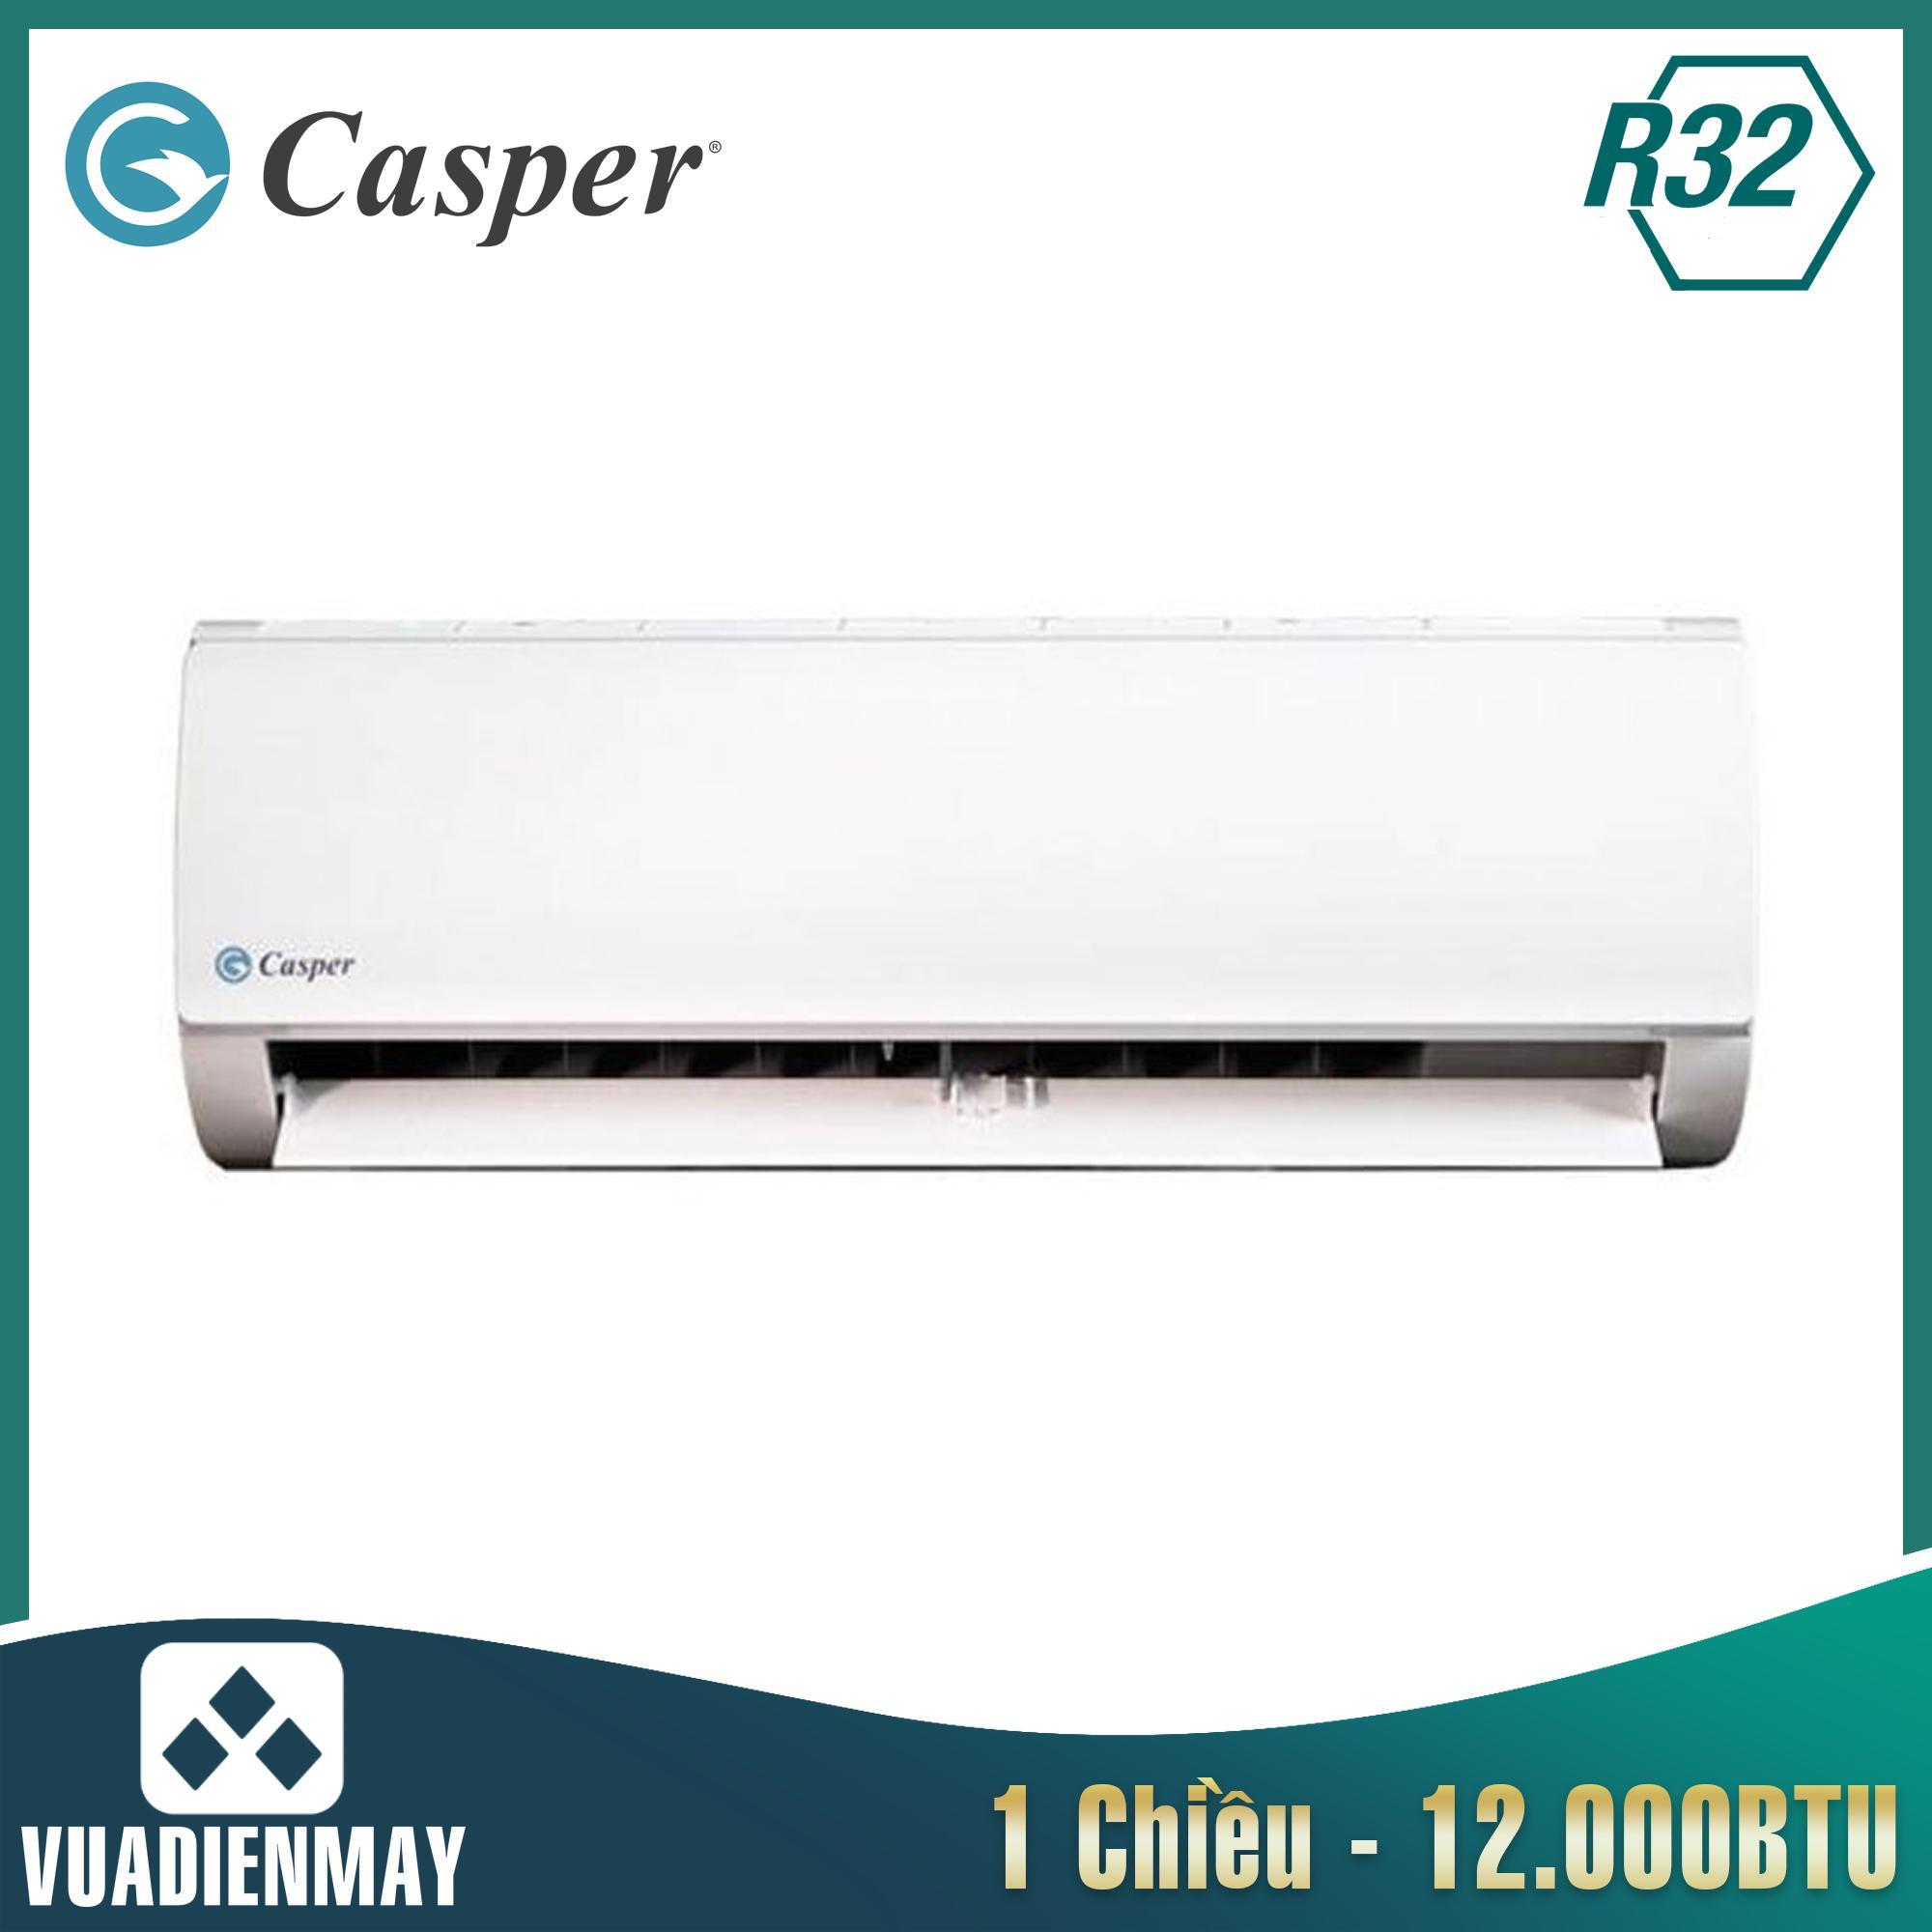 SC12FS32, điều hòa casper 12000btu 1 chiều